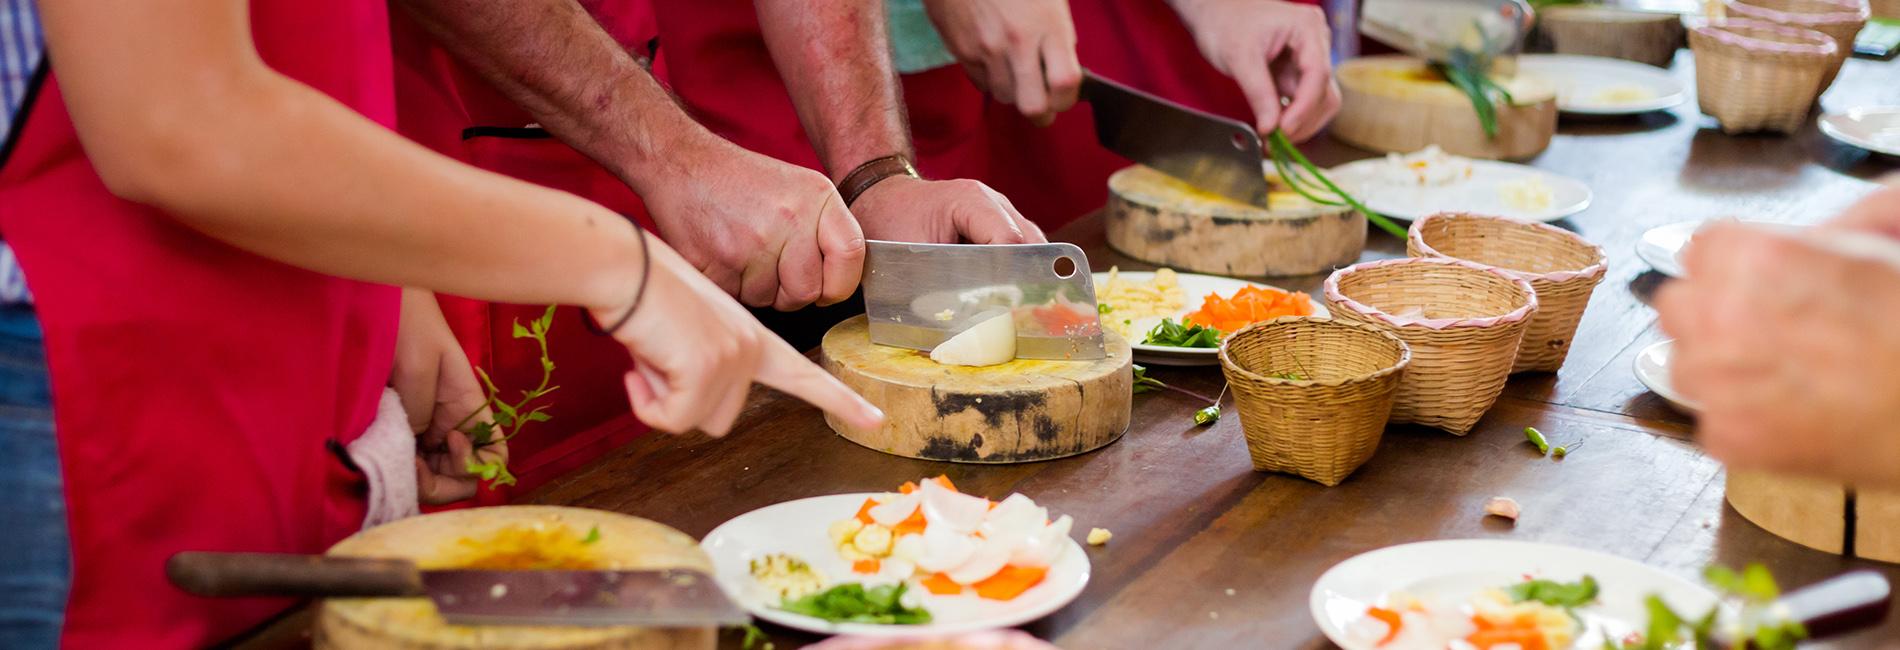 【胡志明市學越南菜】越南料理課程體驗 Saigon Cooking Class